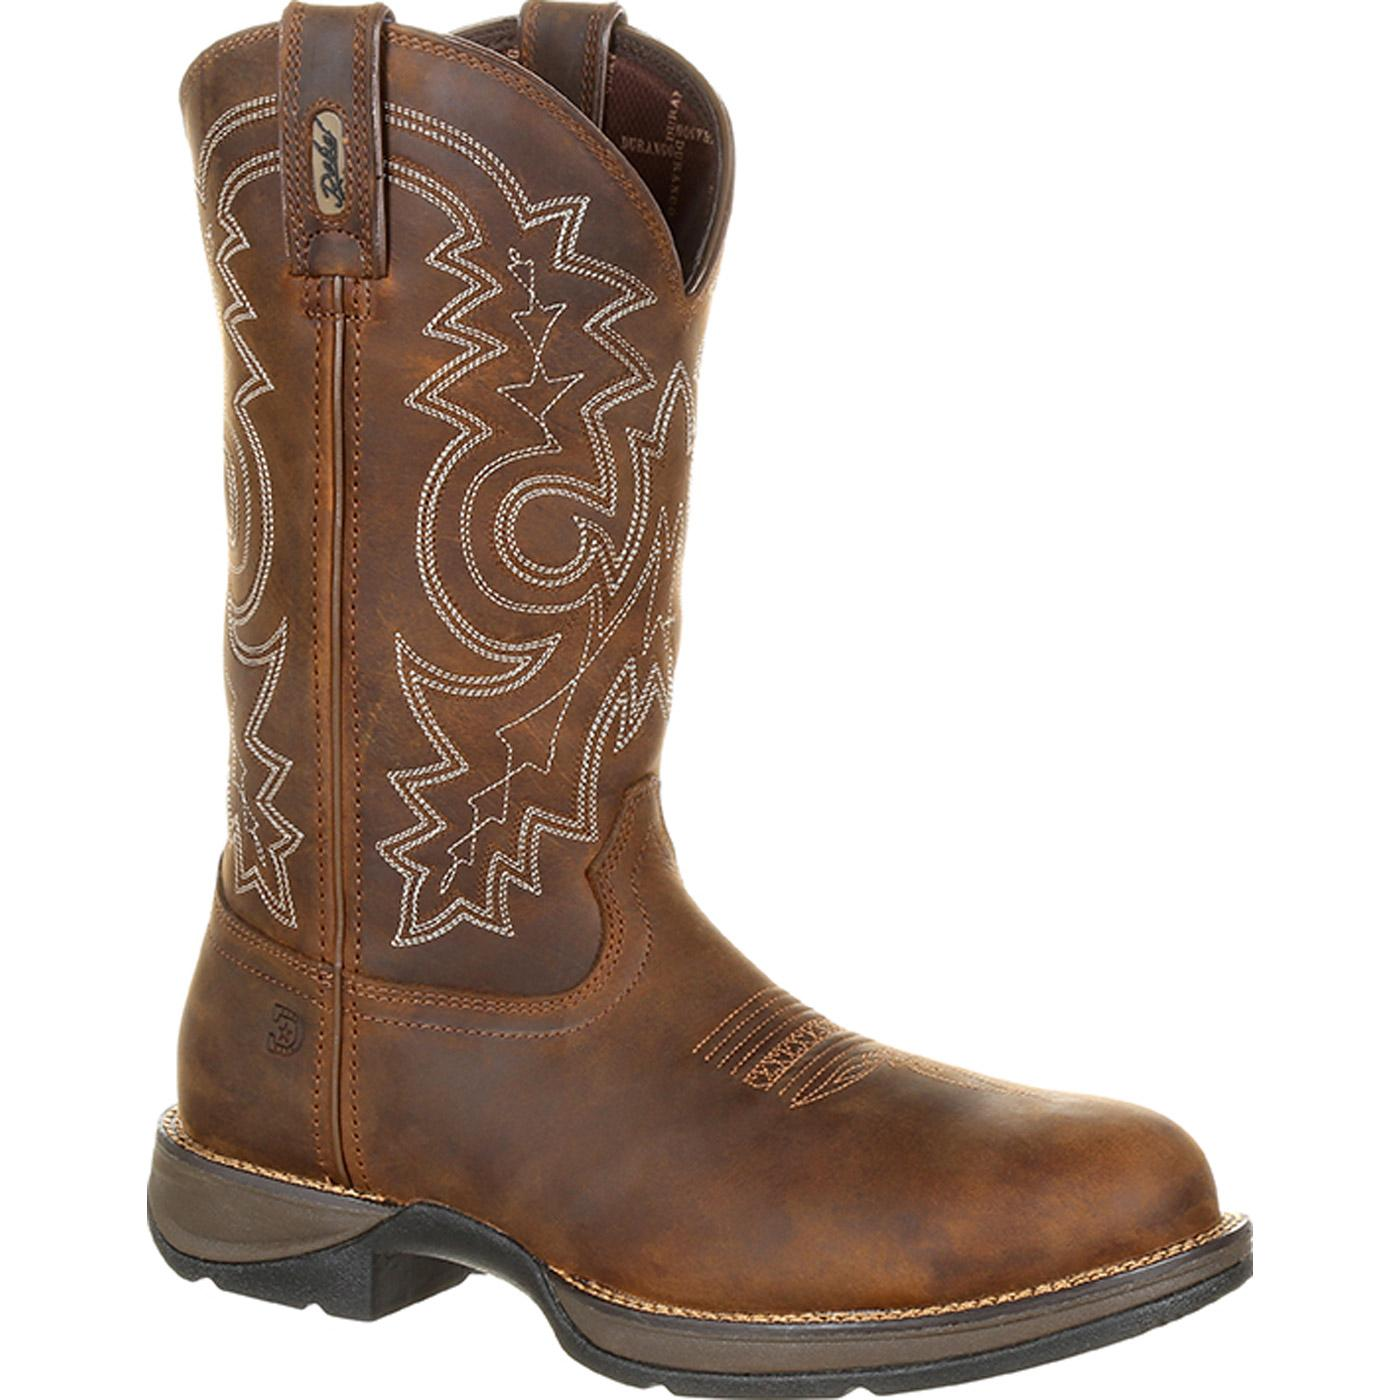 5baa490670e Rebel by Durango Steel Toe Waterproof Western Work Boot